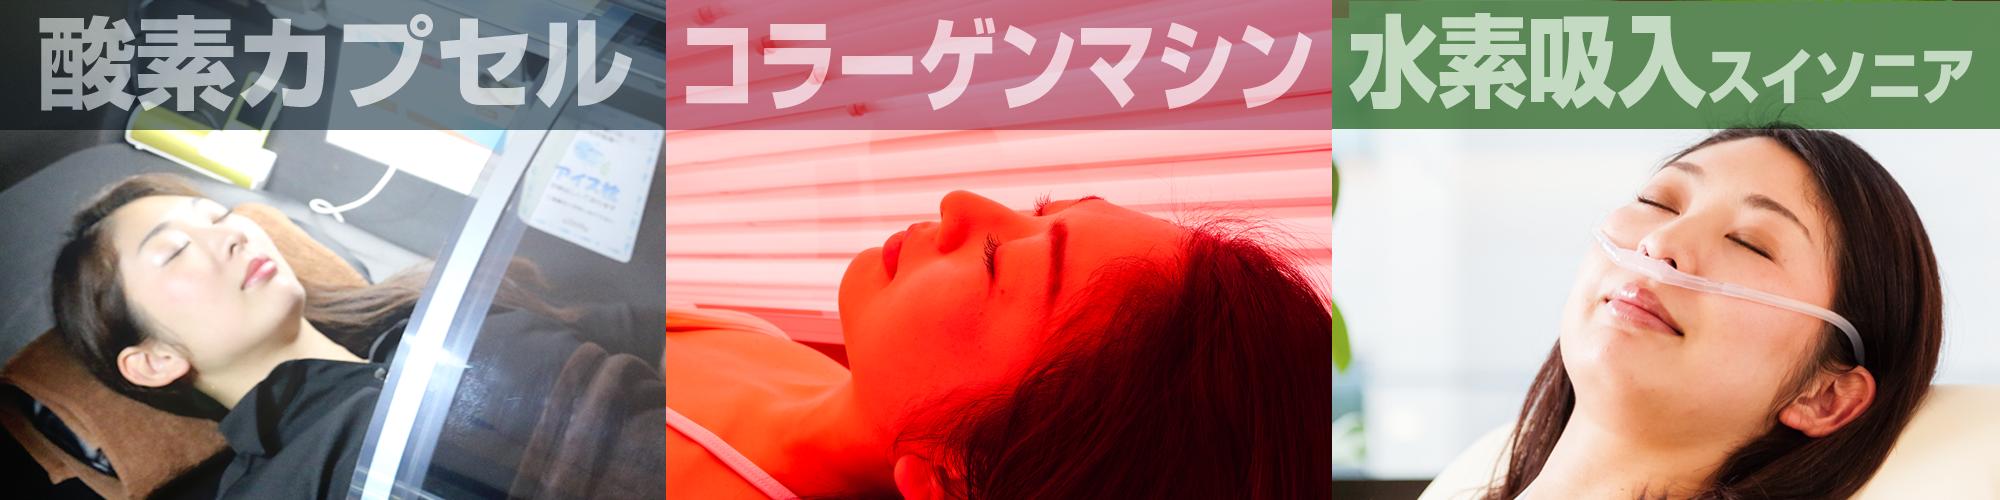 酸素カプセル・コラーゲンマシン・水素吸入のリラコラO2新宿店